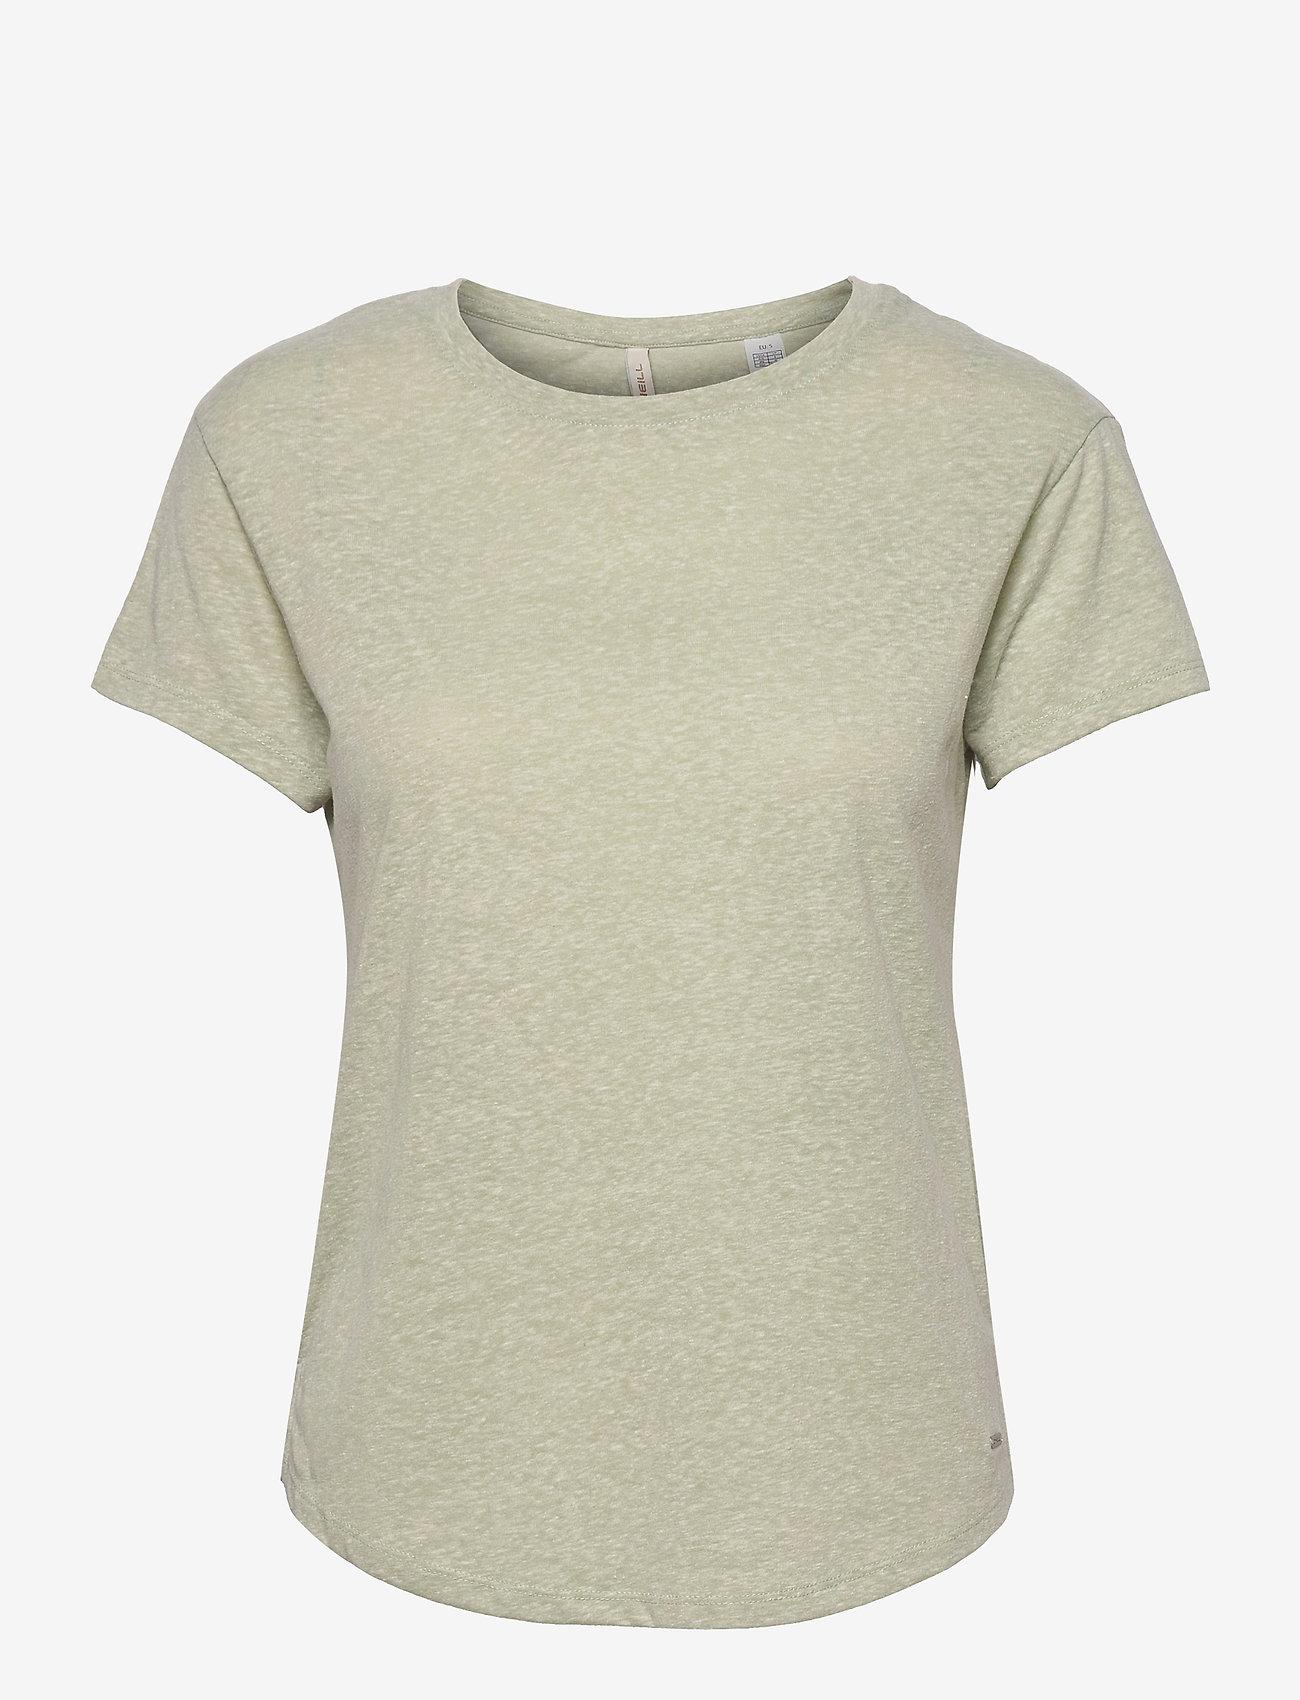 O'neill - LW ESSENTIALS T- SHIRT - t-shirts - desert sage - 0